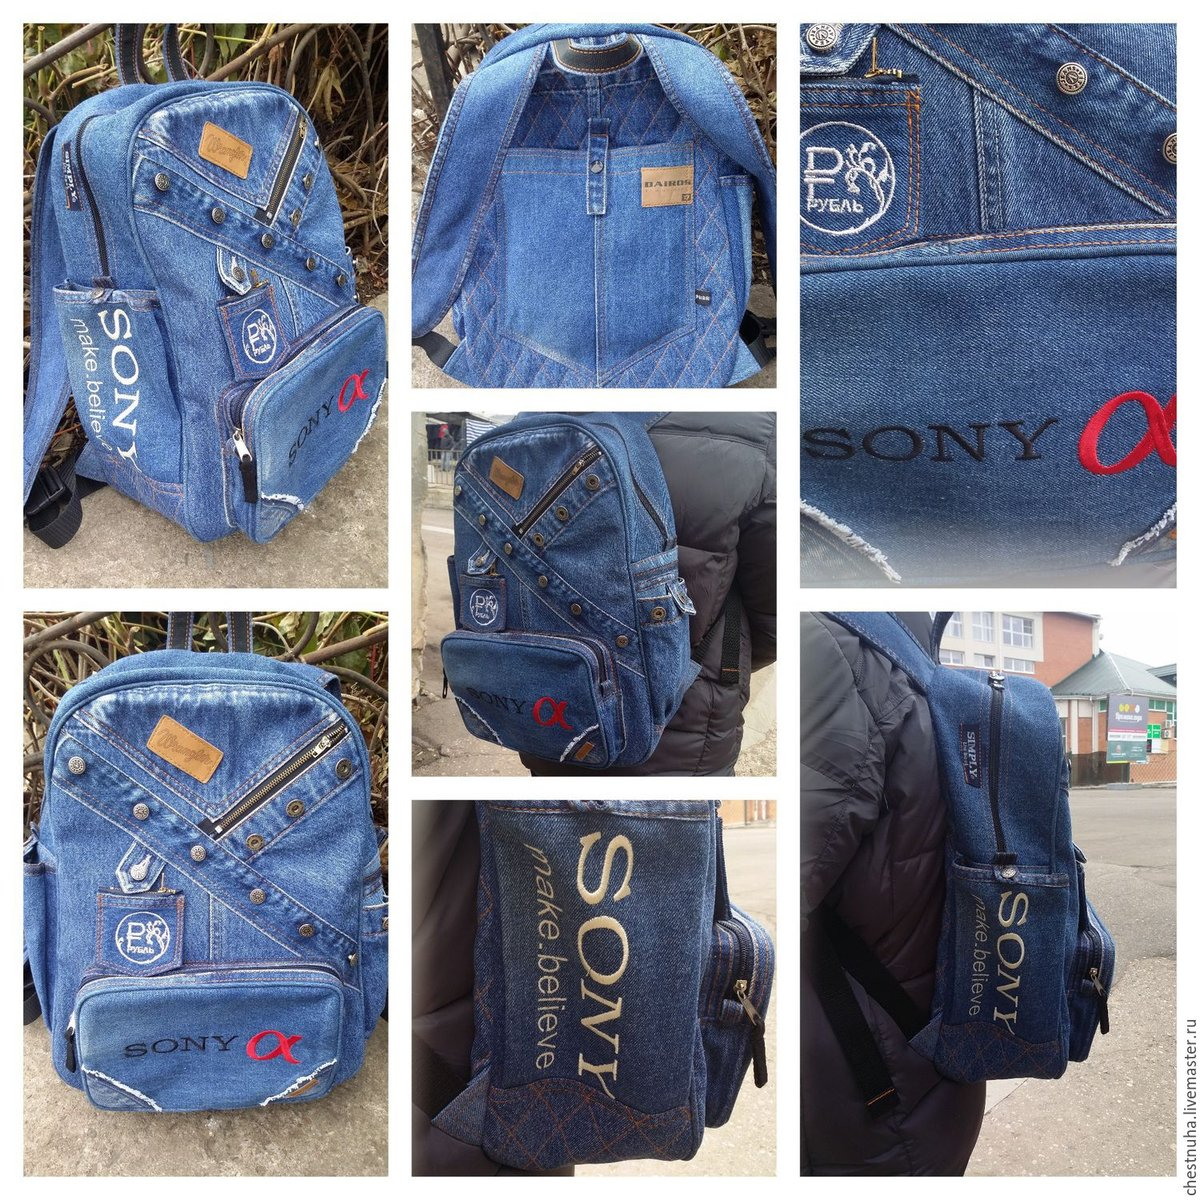 Рюкзак выкройка своими руками из старых джинс для мальчика 791